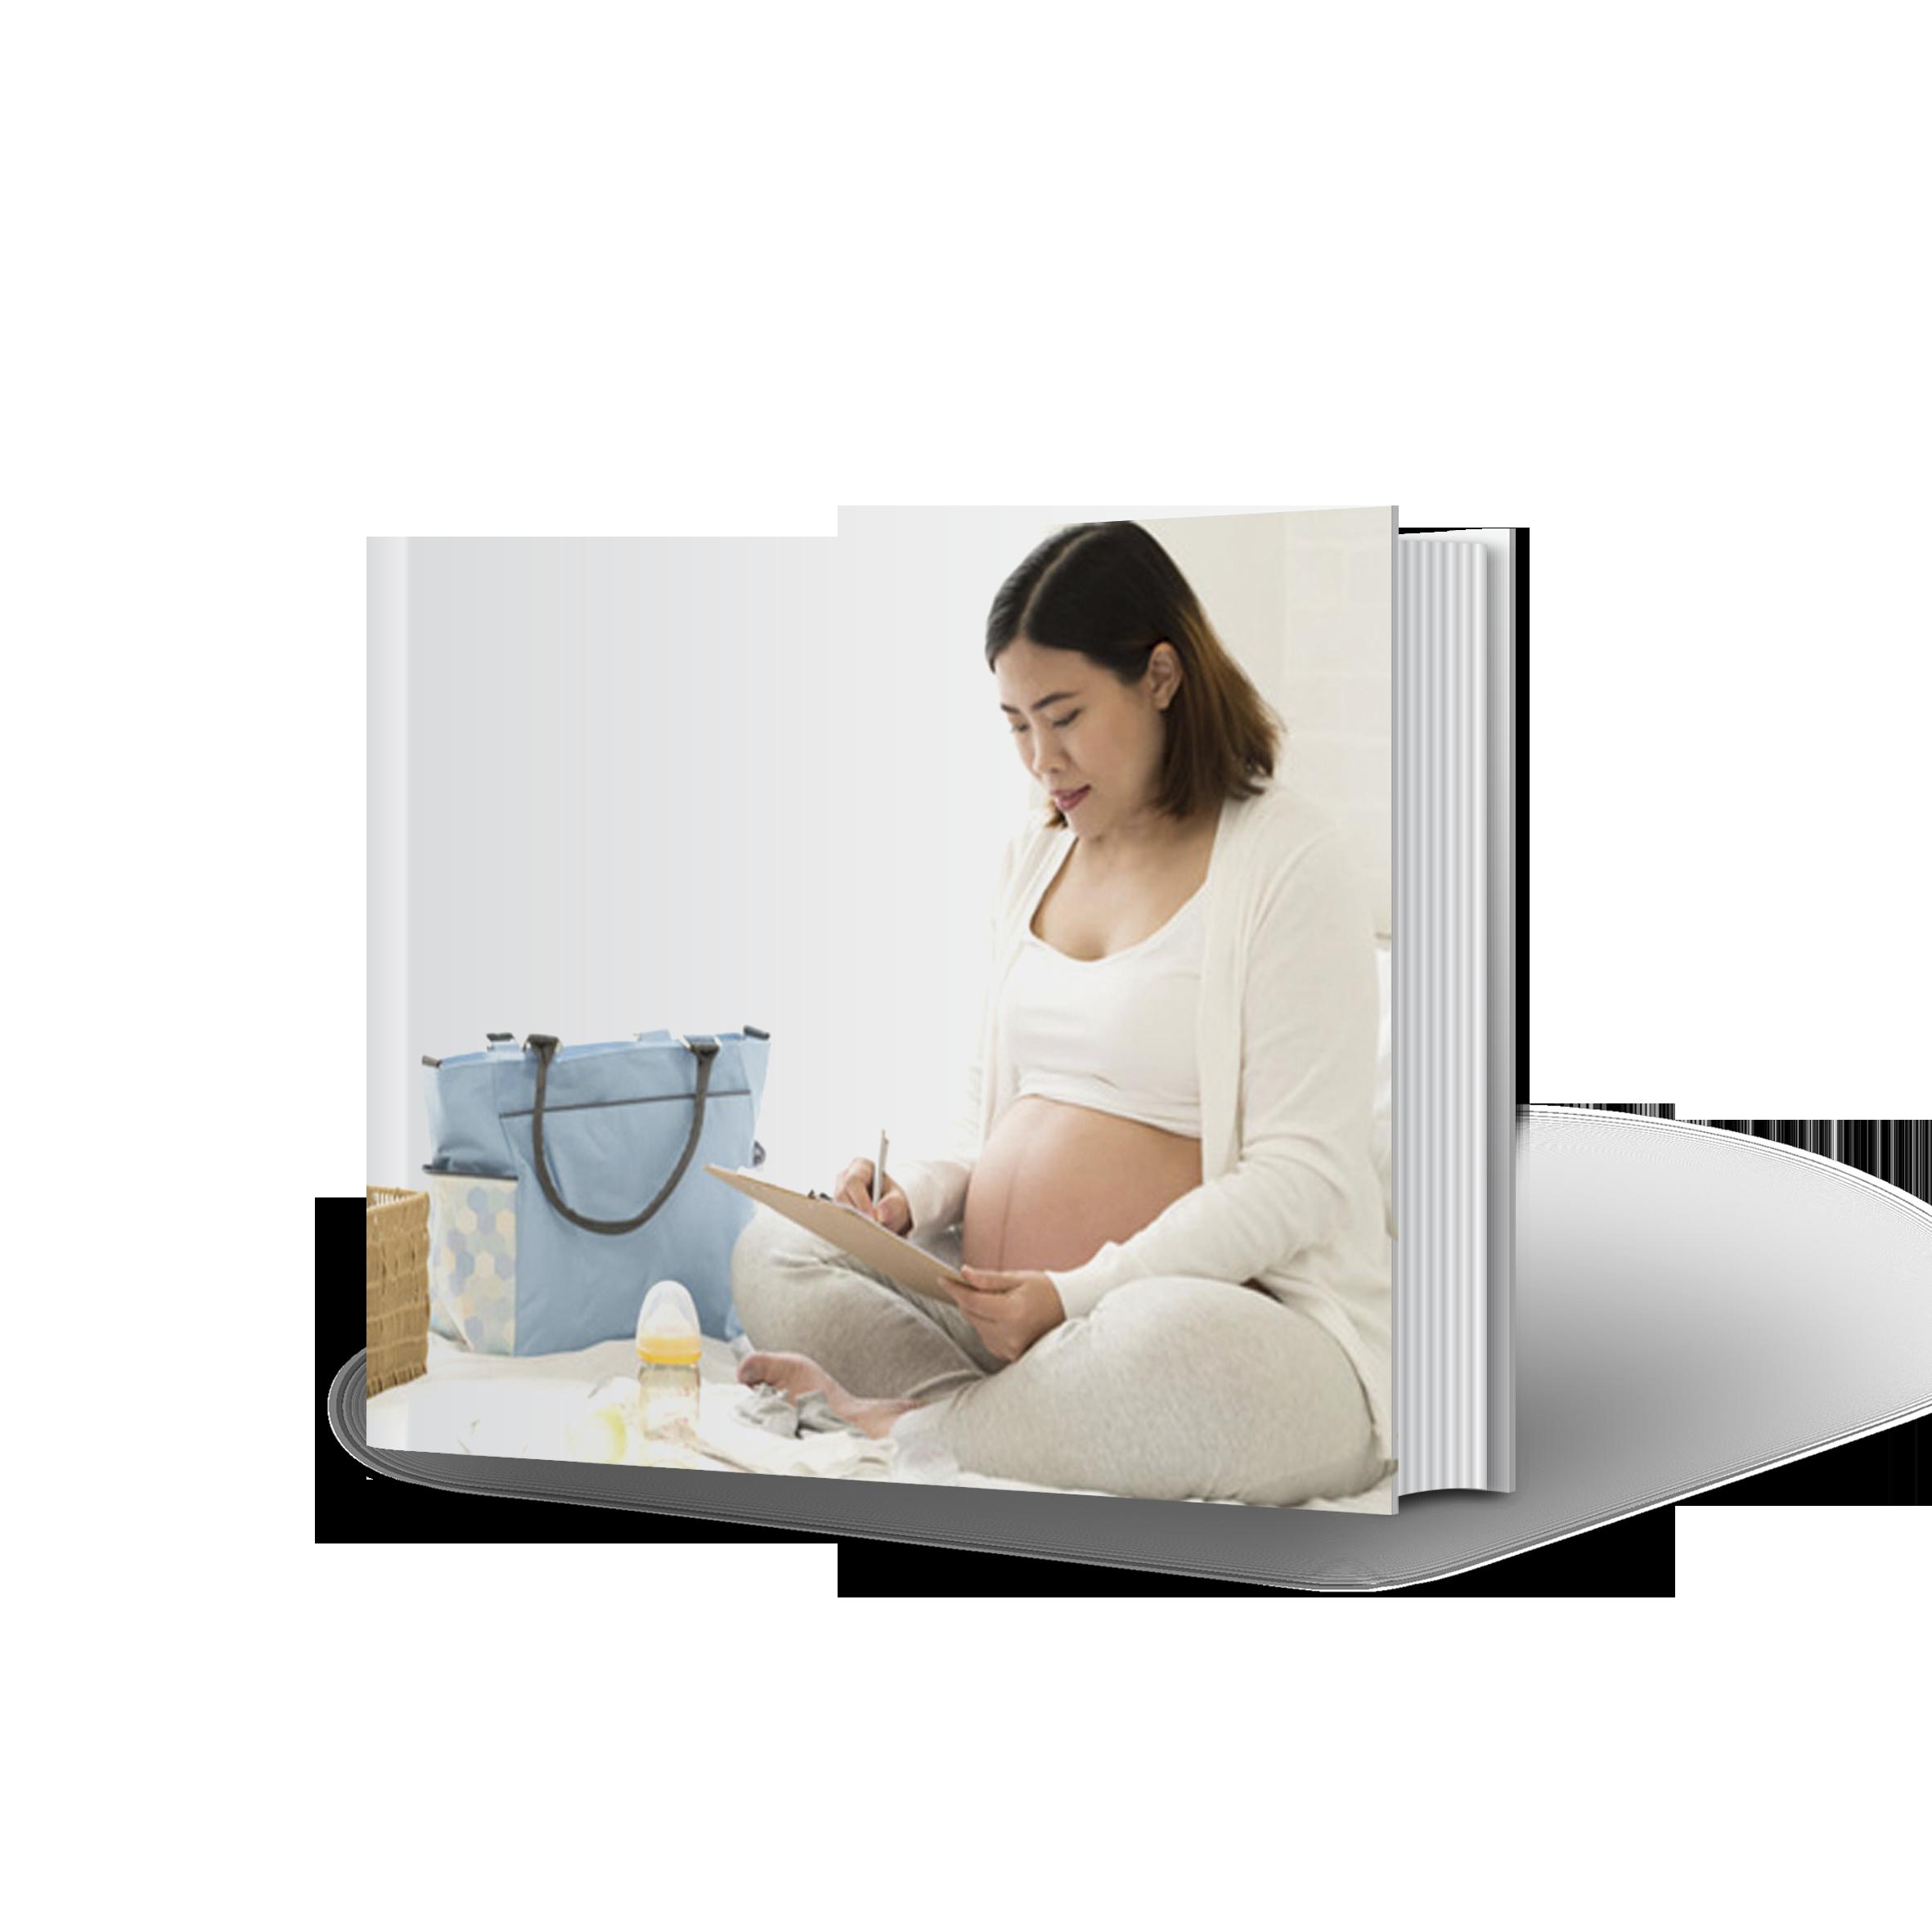 E-book sobre o que levar na bolsa maternidade - Mulher e Gestação